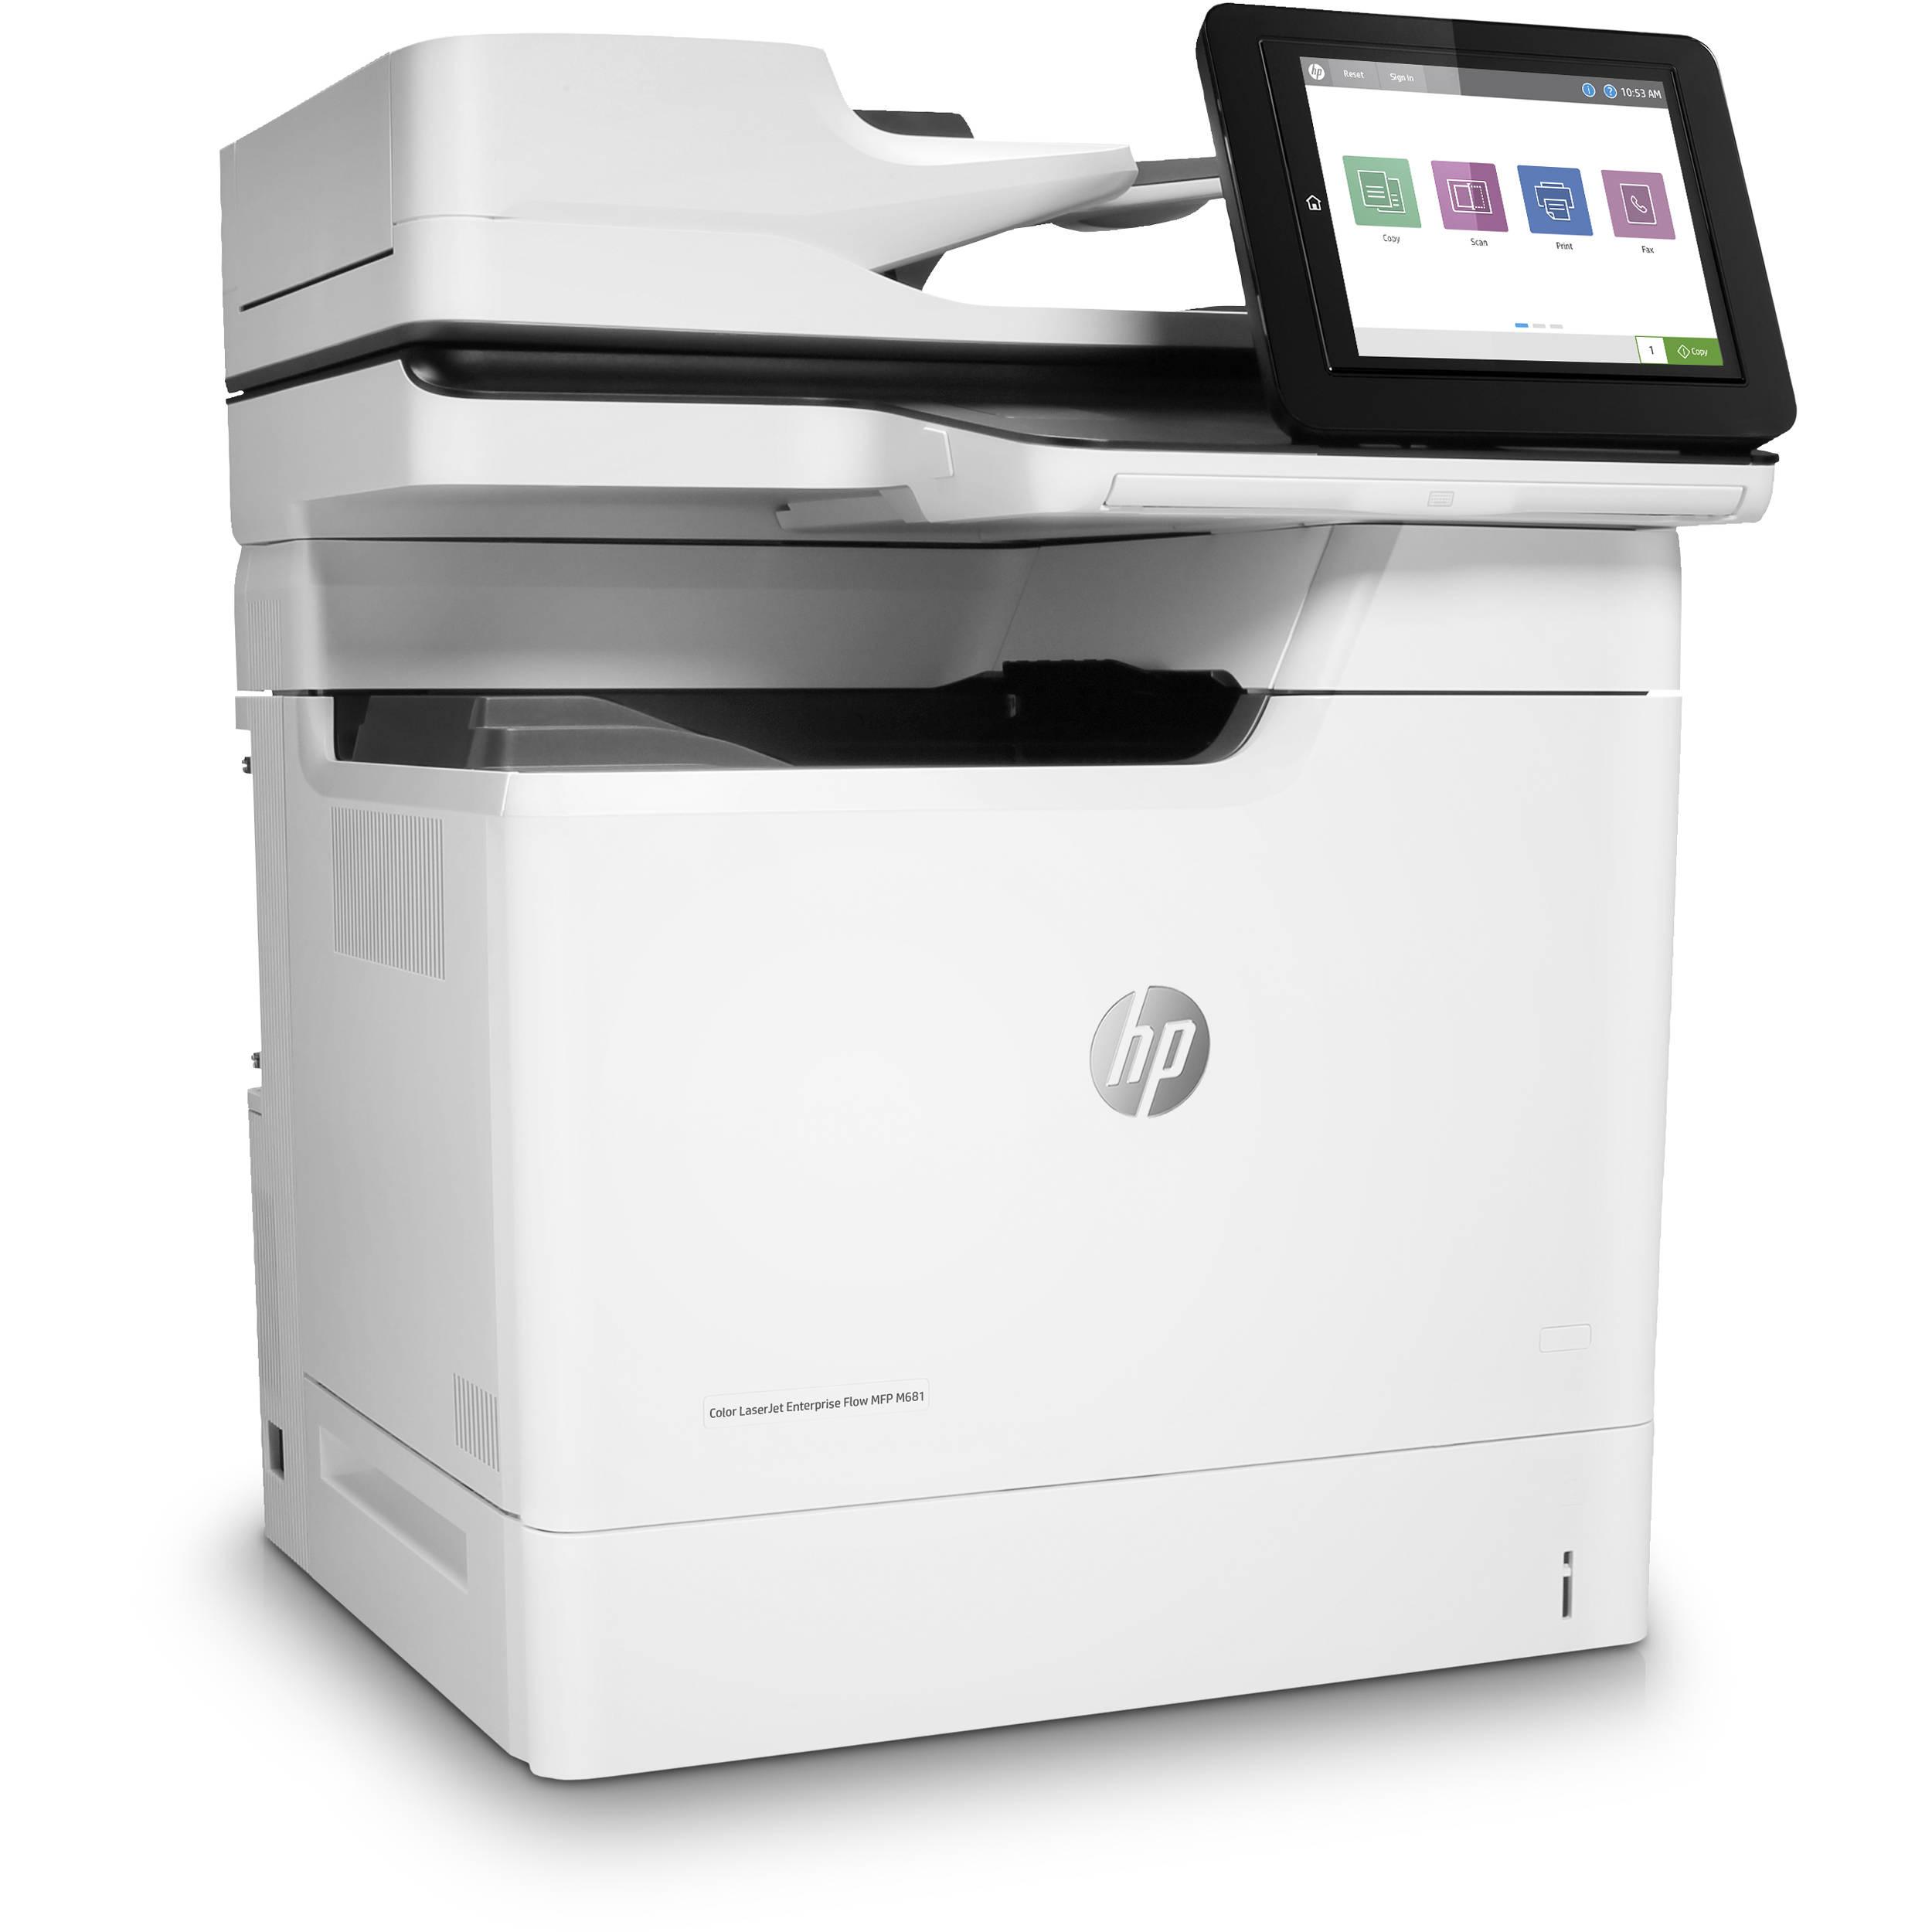 HP Color LaserJet Enterprise M681f All-In-One Laser Printer